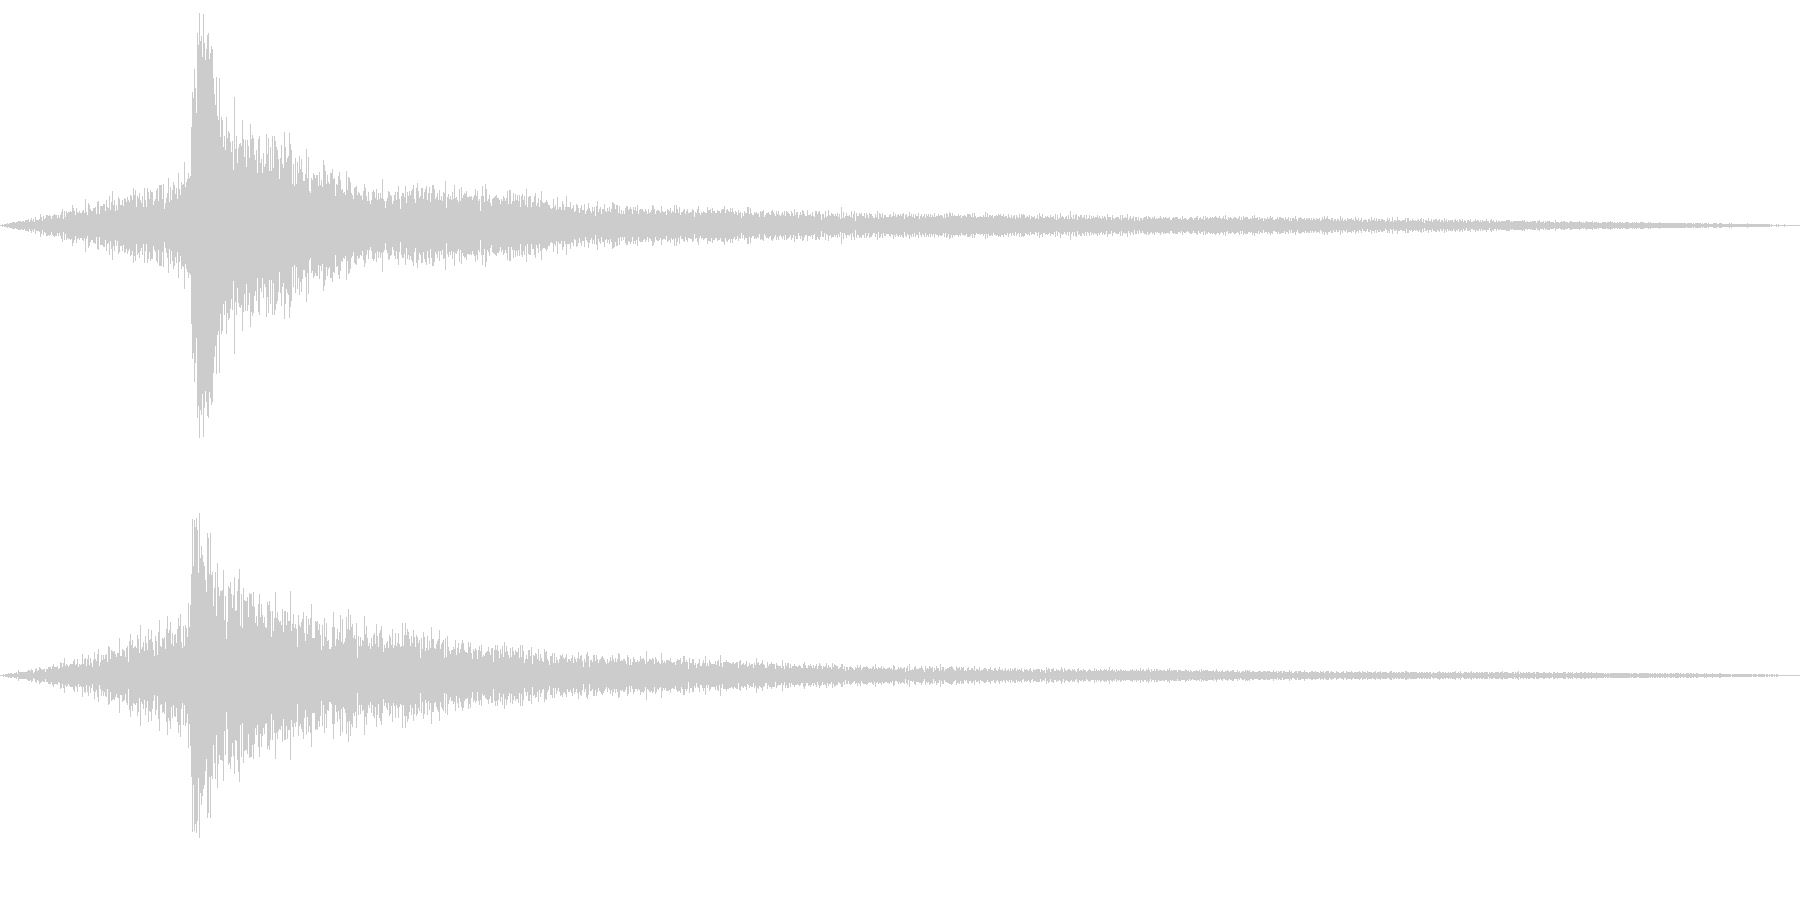 ピアノのモダンなコードのロゴ音1の未再生の波形